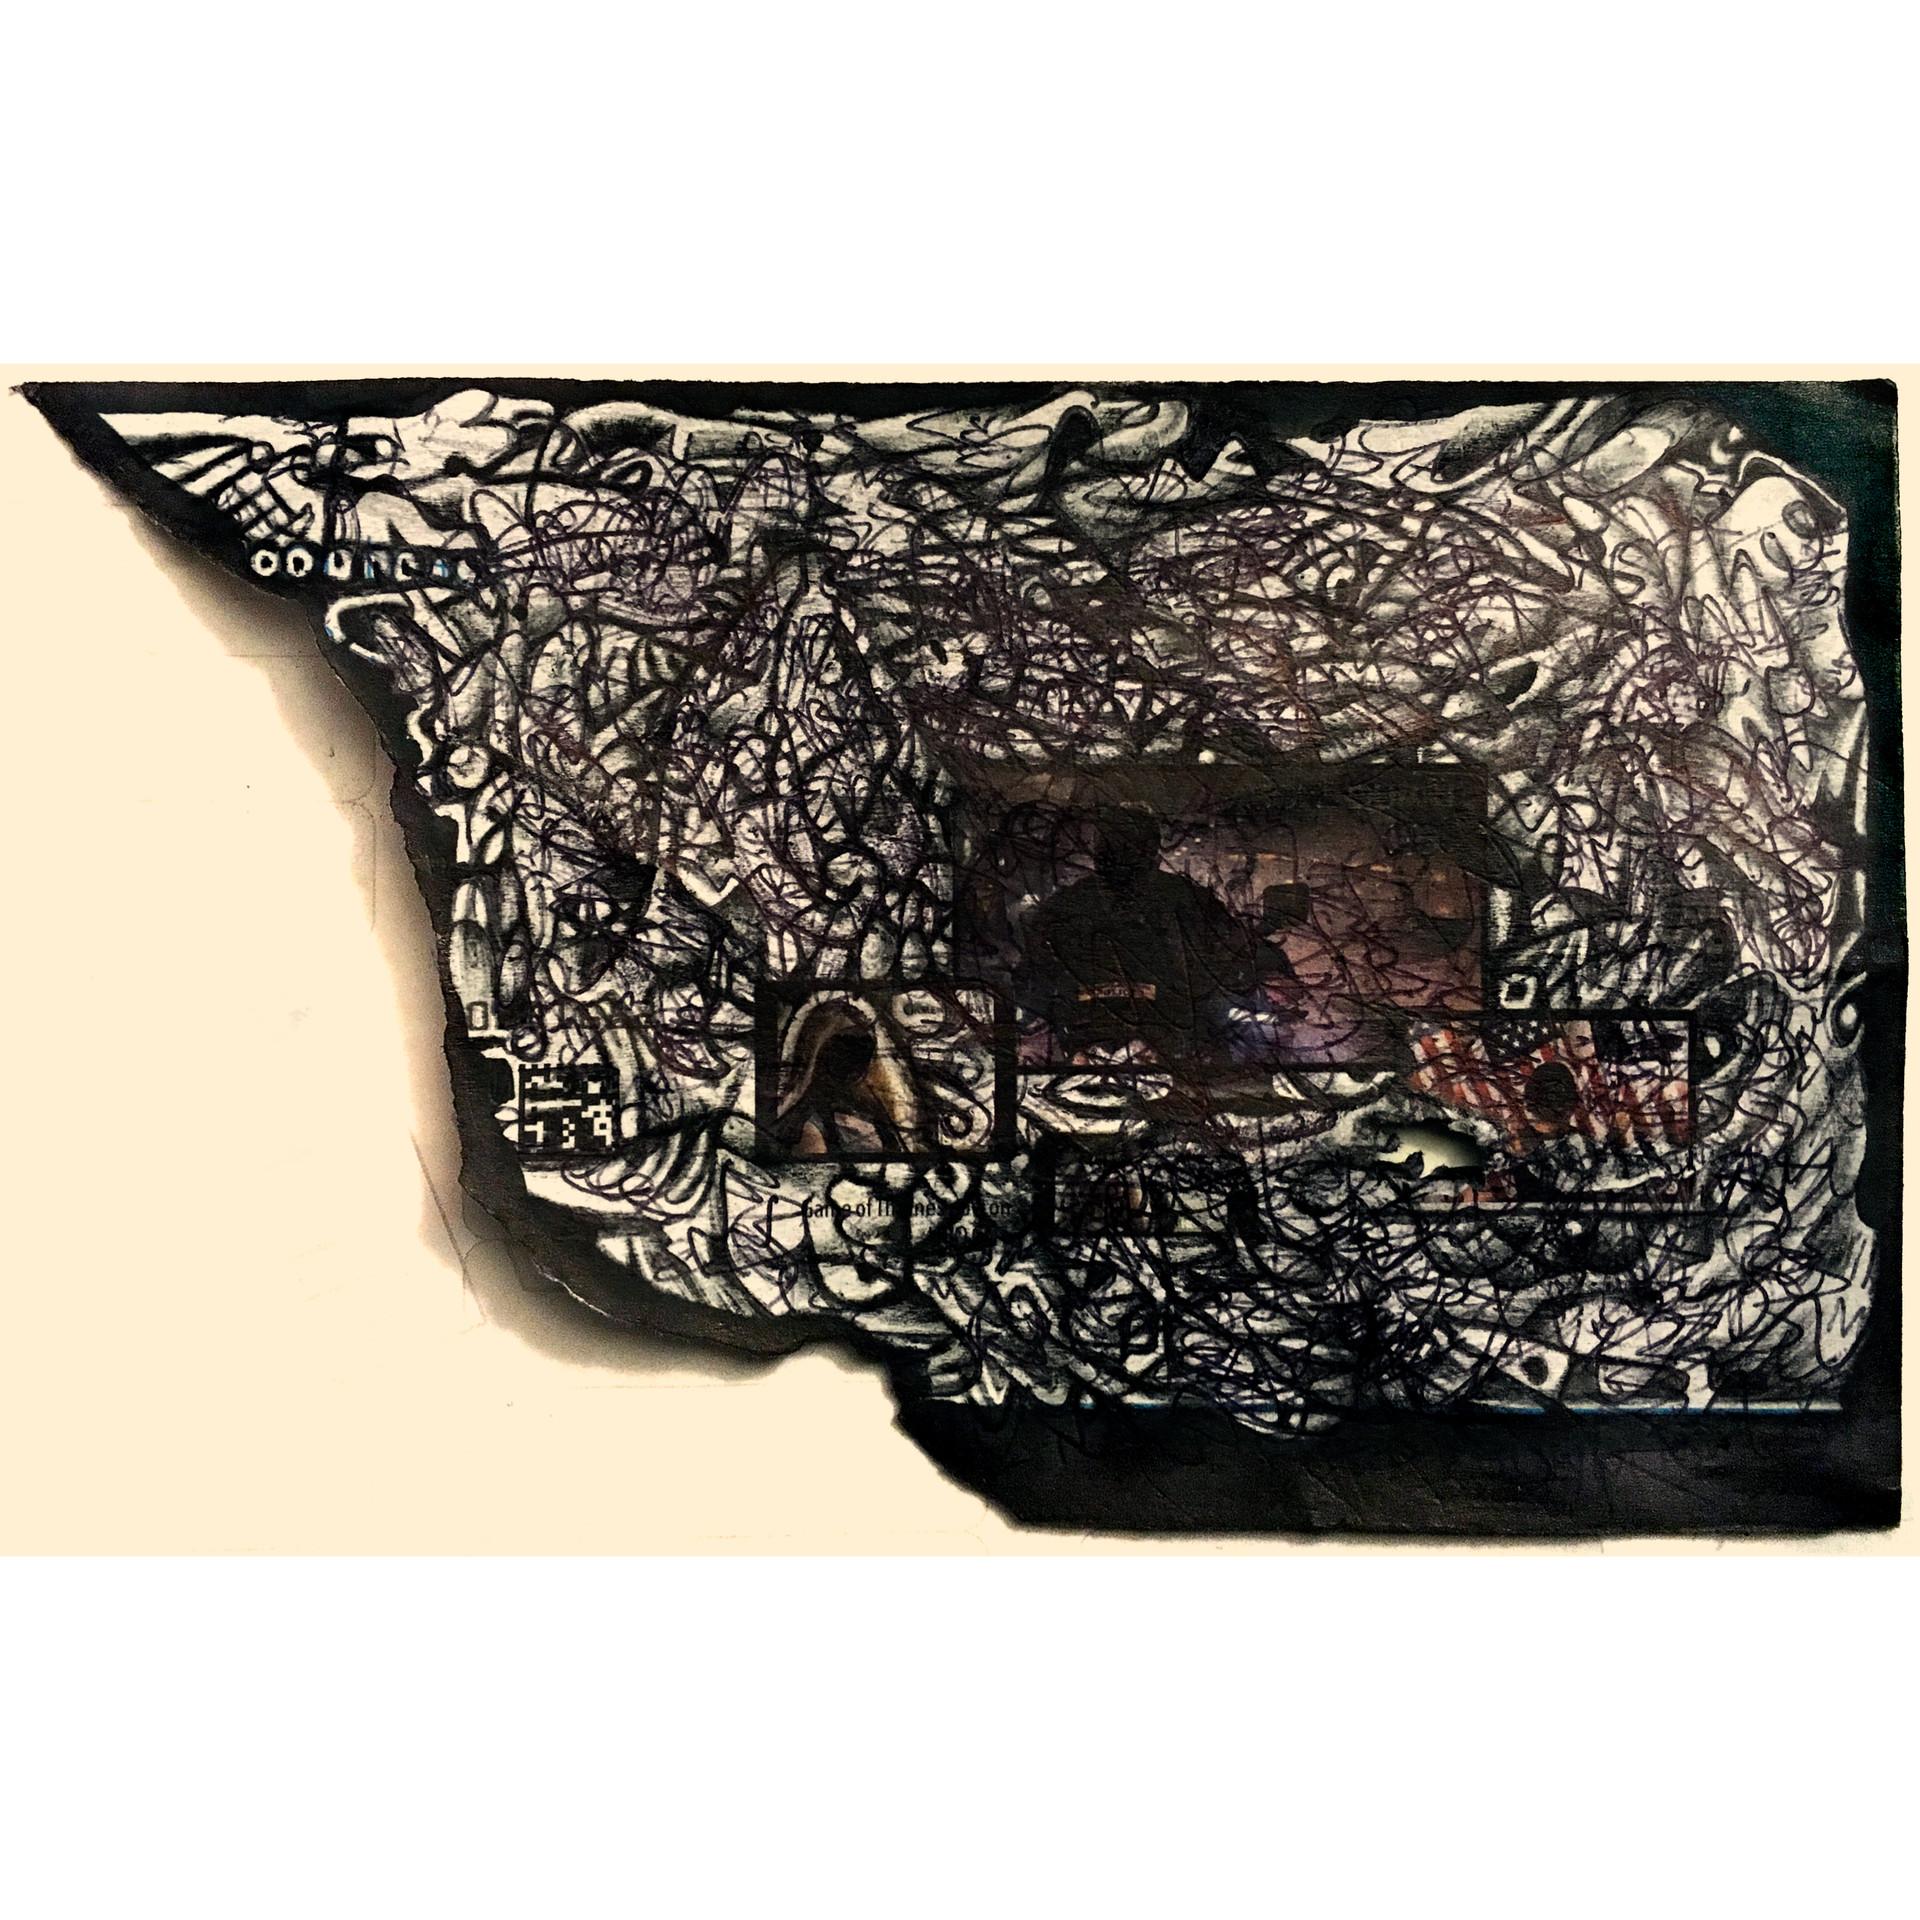 E lynx ink splash